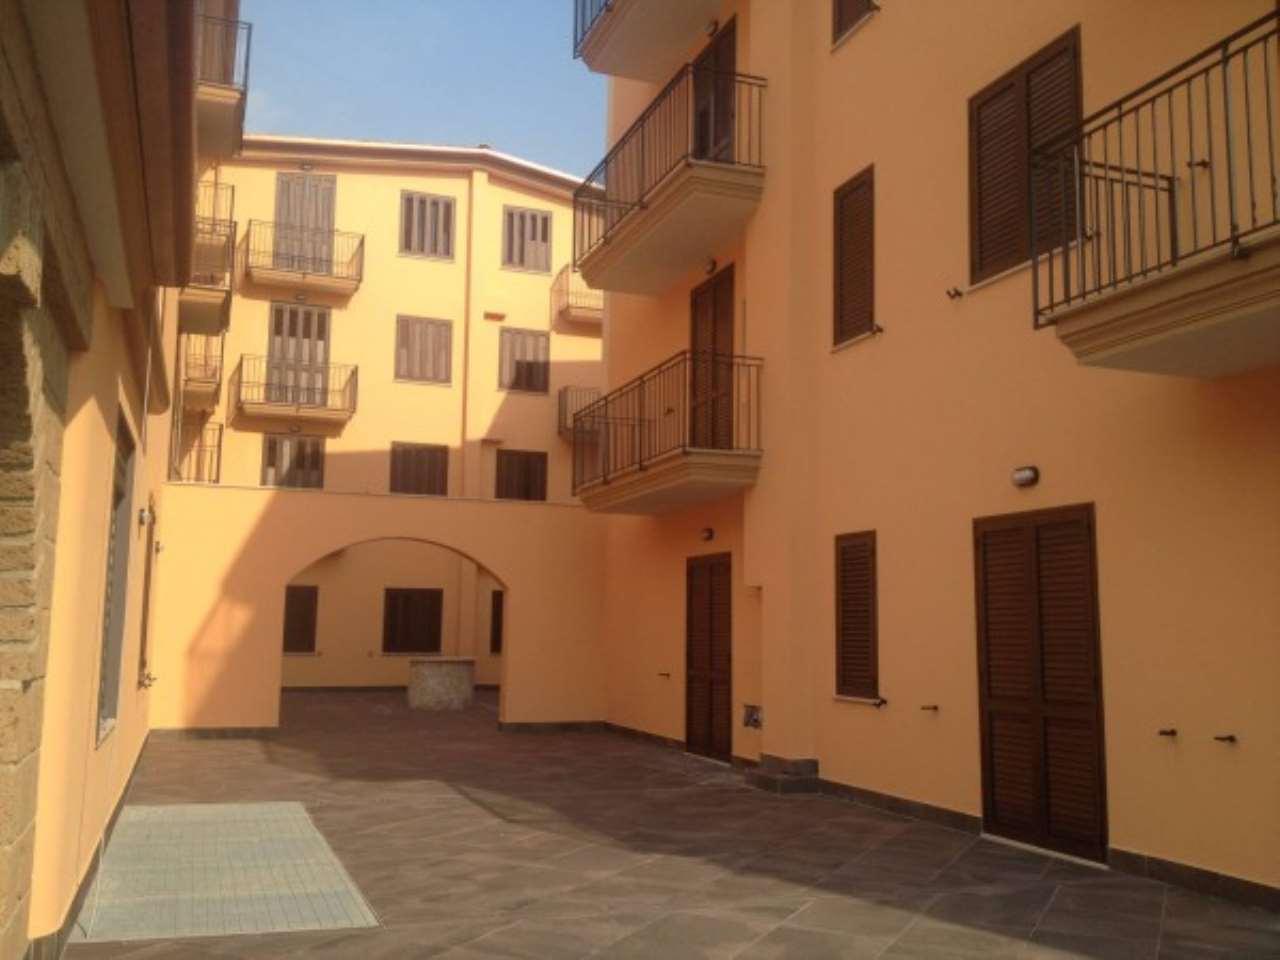 Appartamento in vendita a Quadrelle, 4 locali, prezzo € 125.000 | Cambio Casa.it